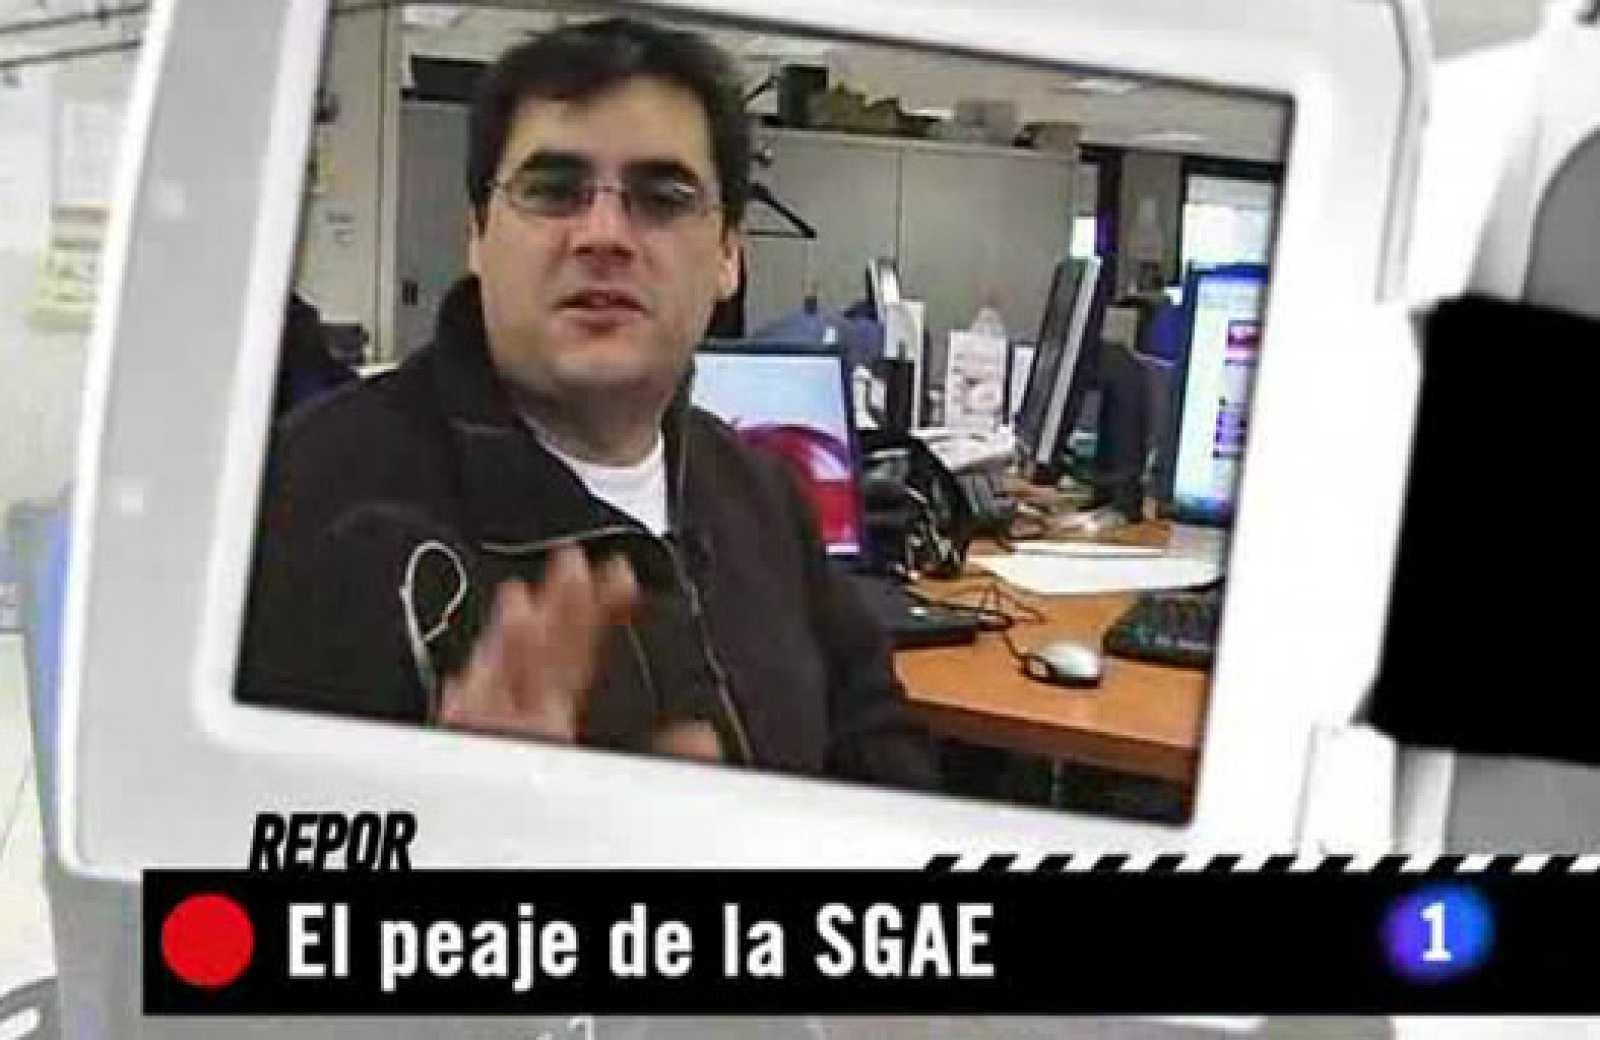 Repor: El peaje de la SGAE.